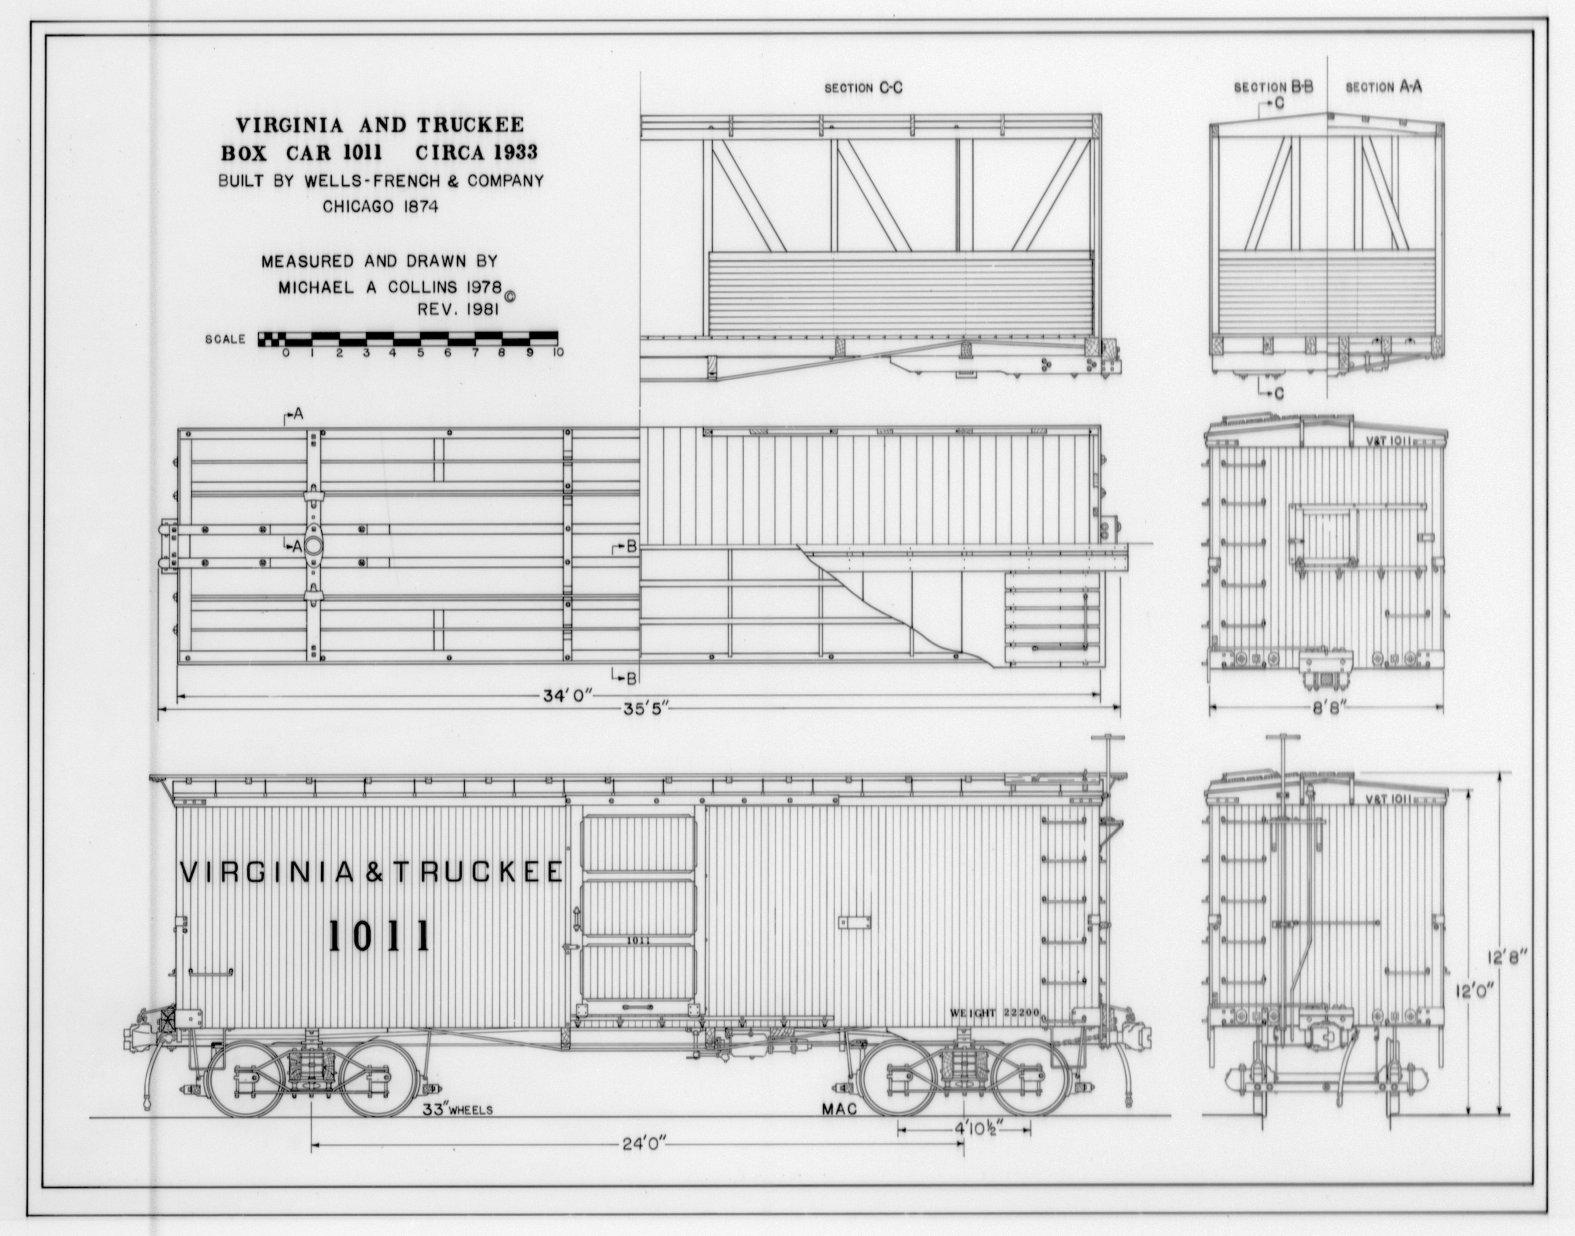 V Amp T Box Car 1011